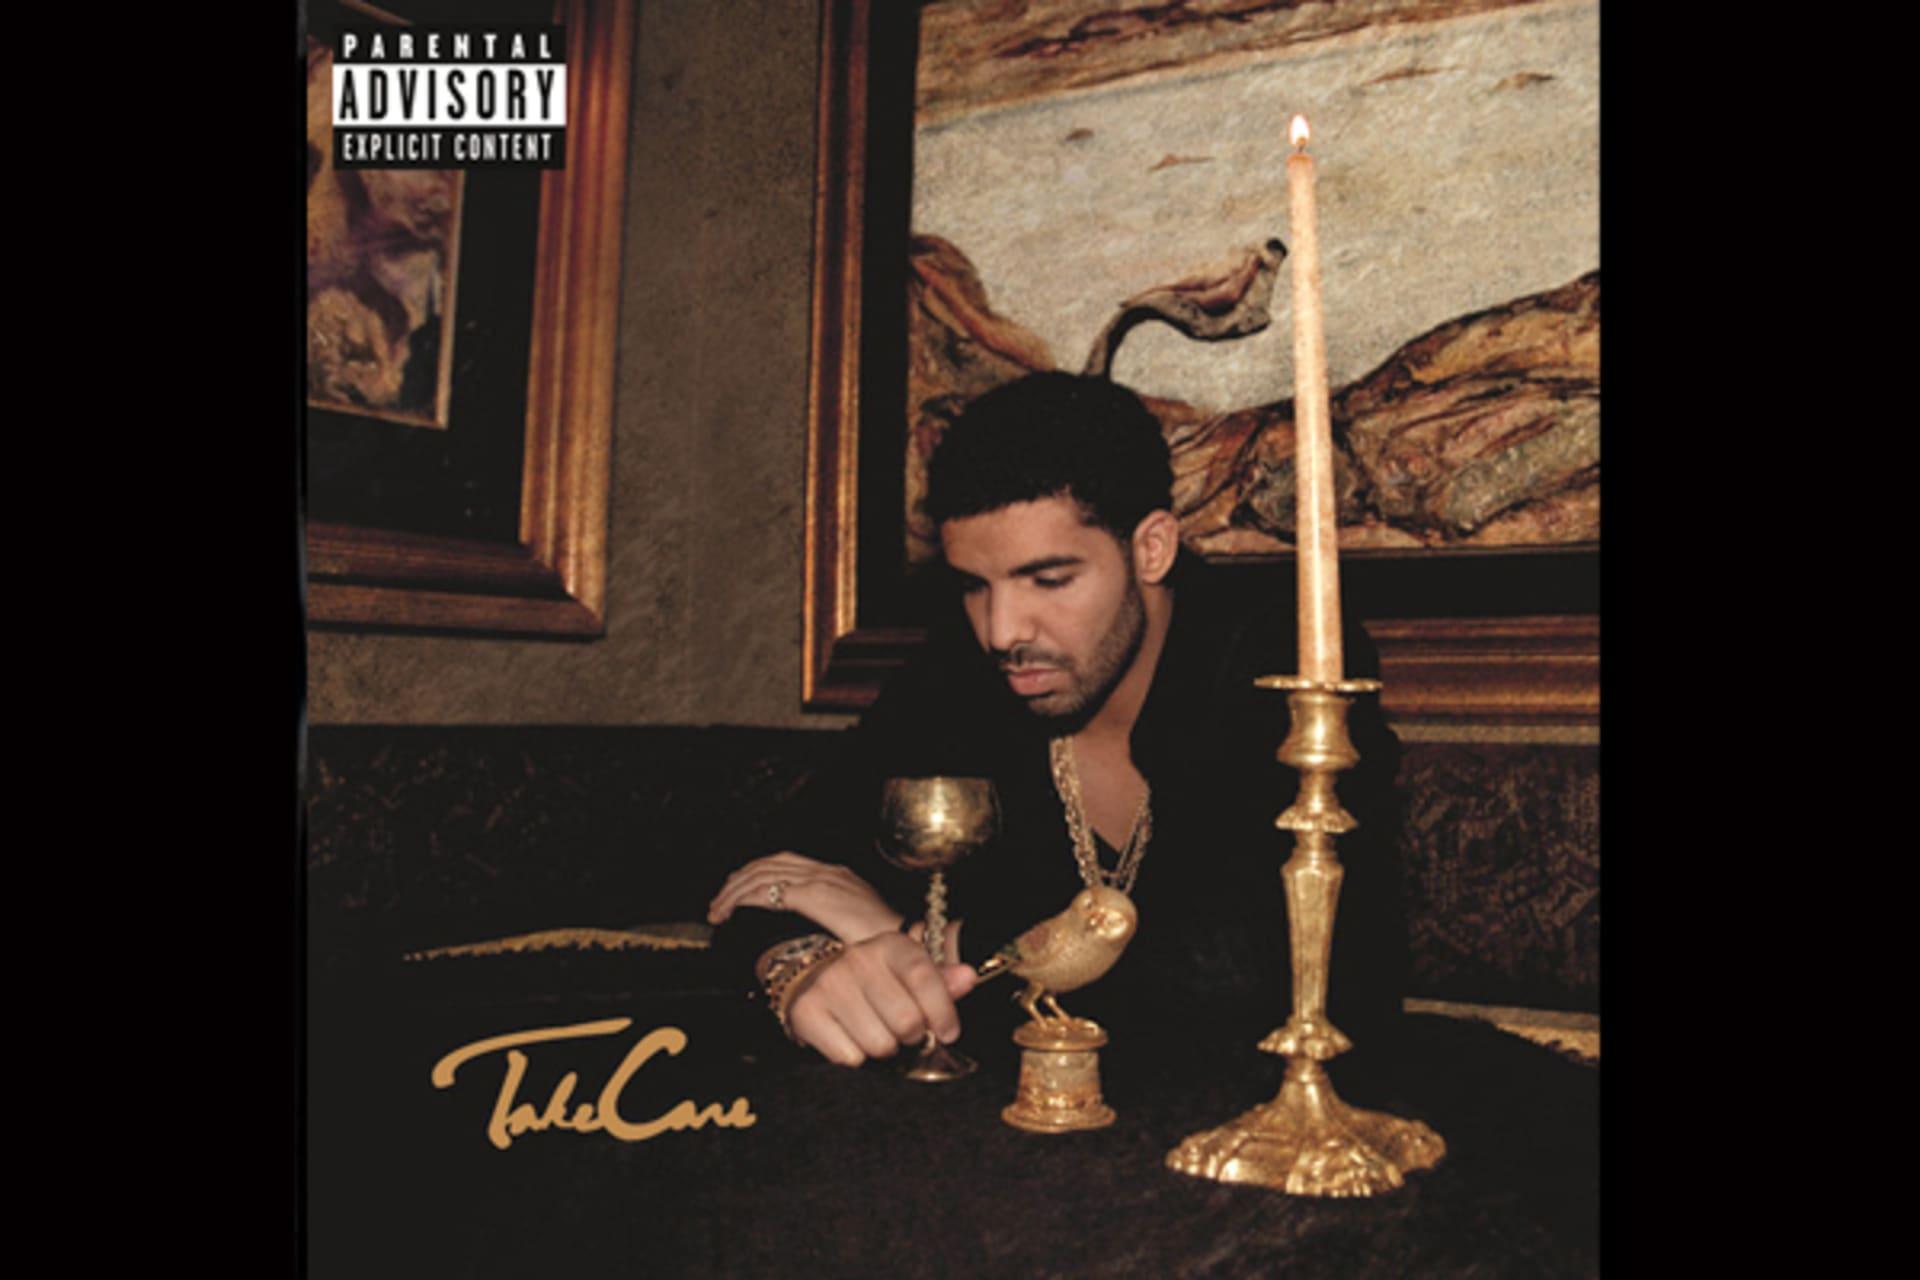 drake album ranked take care